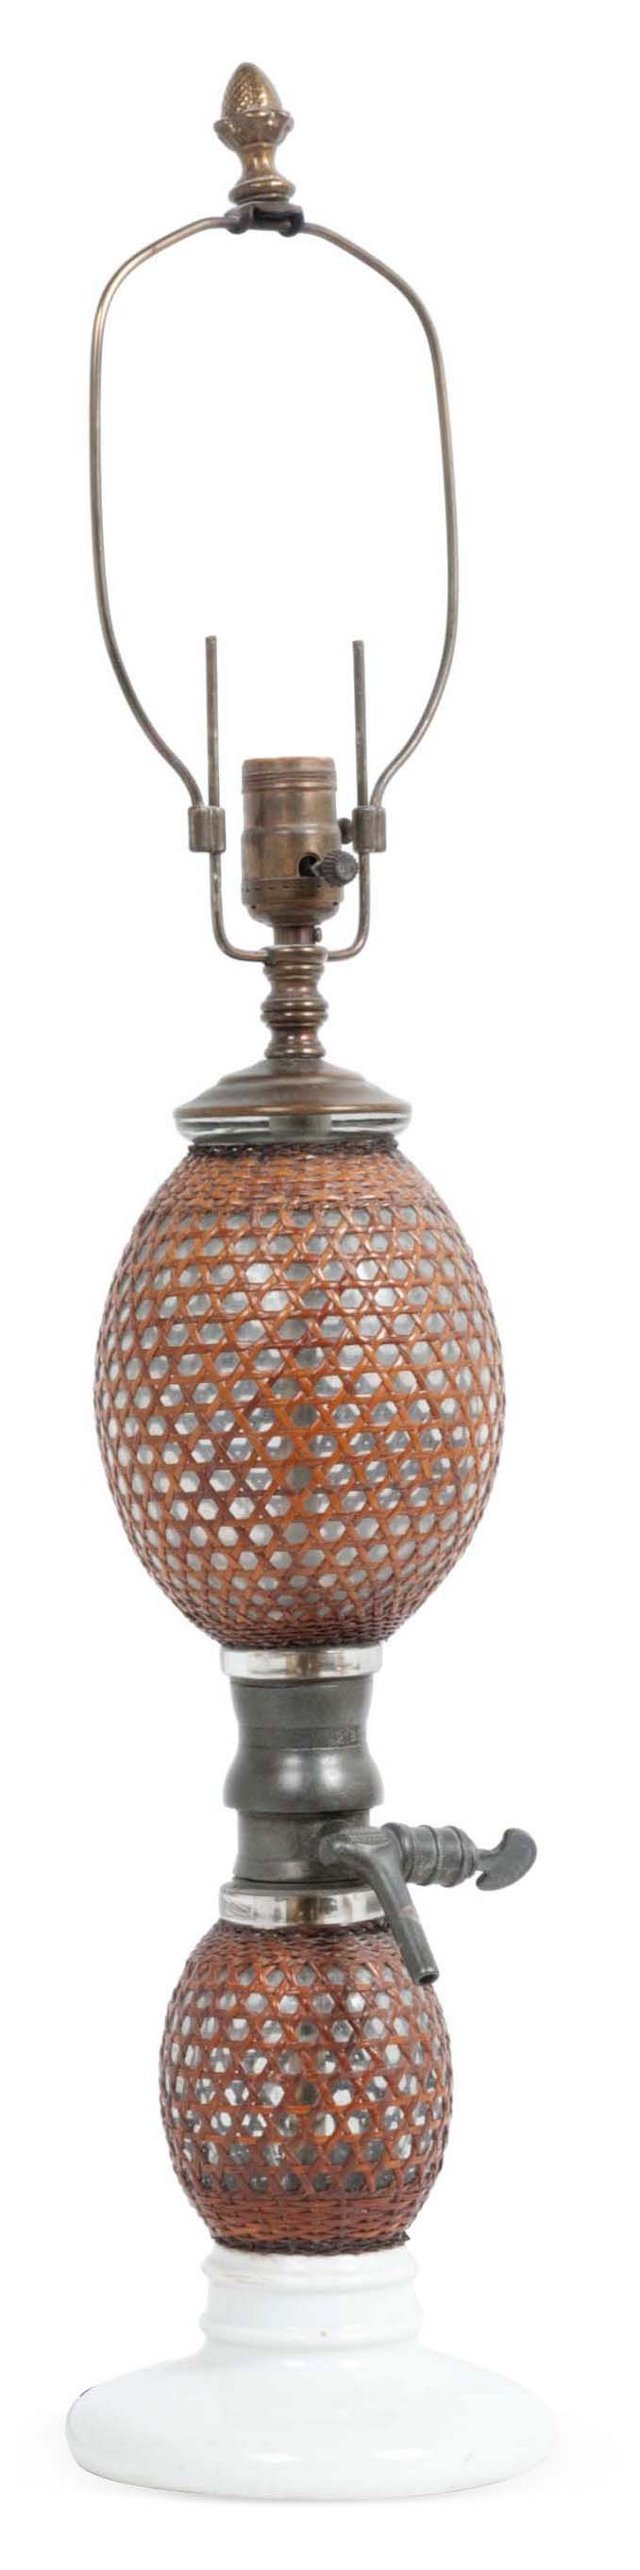 Antique Seltzer Bottle Lamp